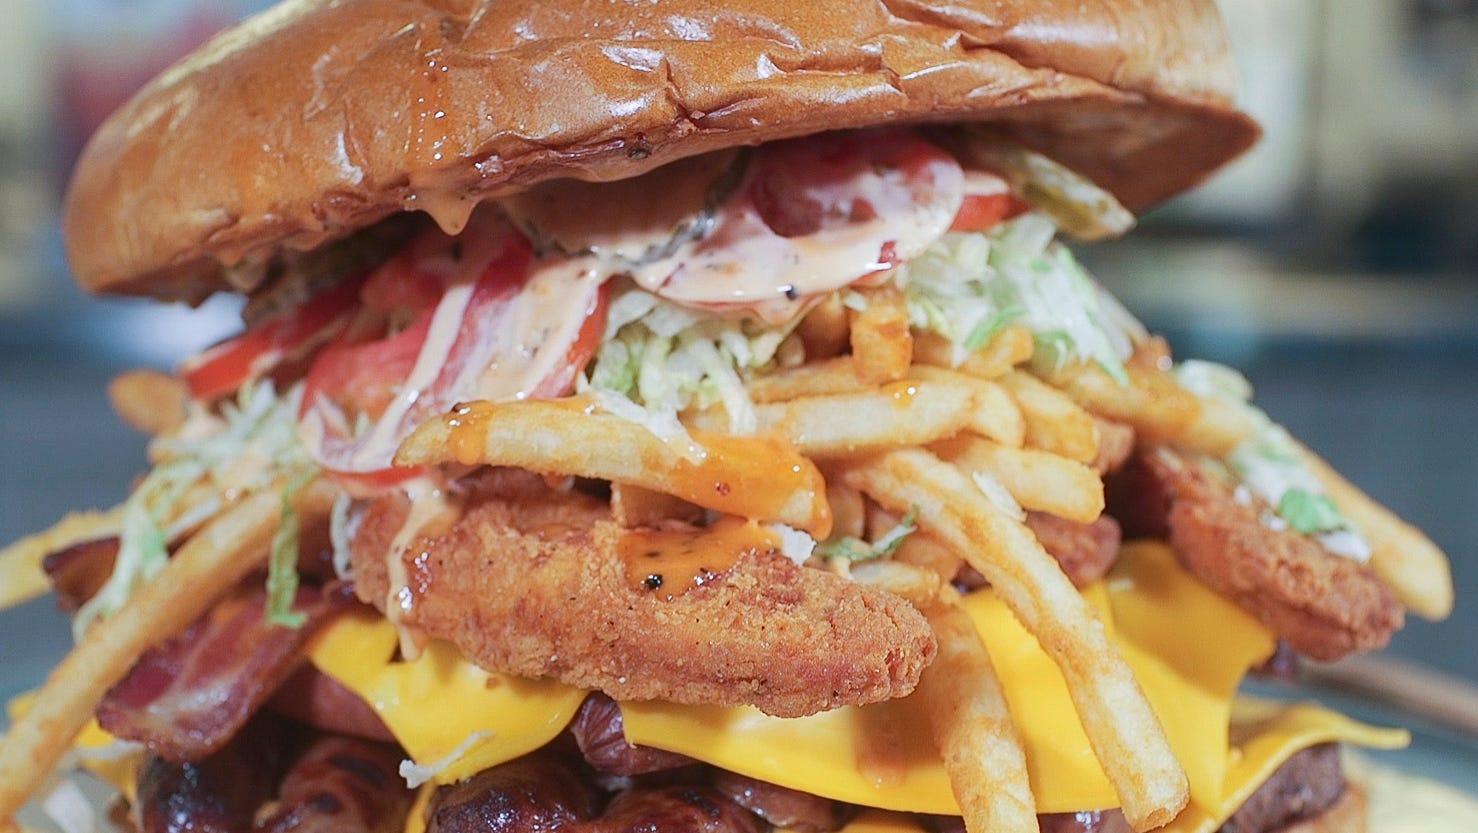 917847cb-13f0-44db-ad7d-6da719f7f940-hamburger